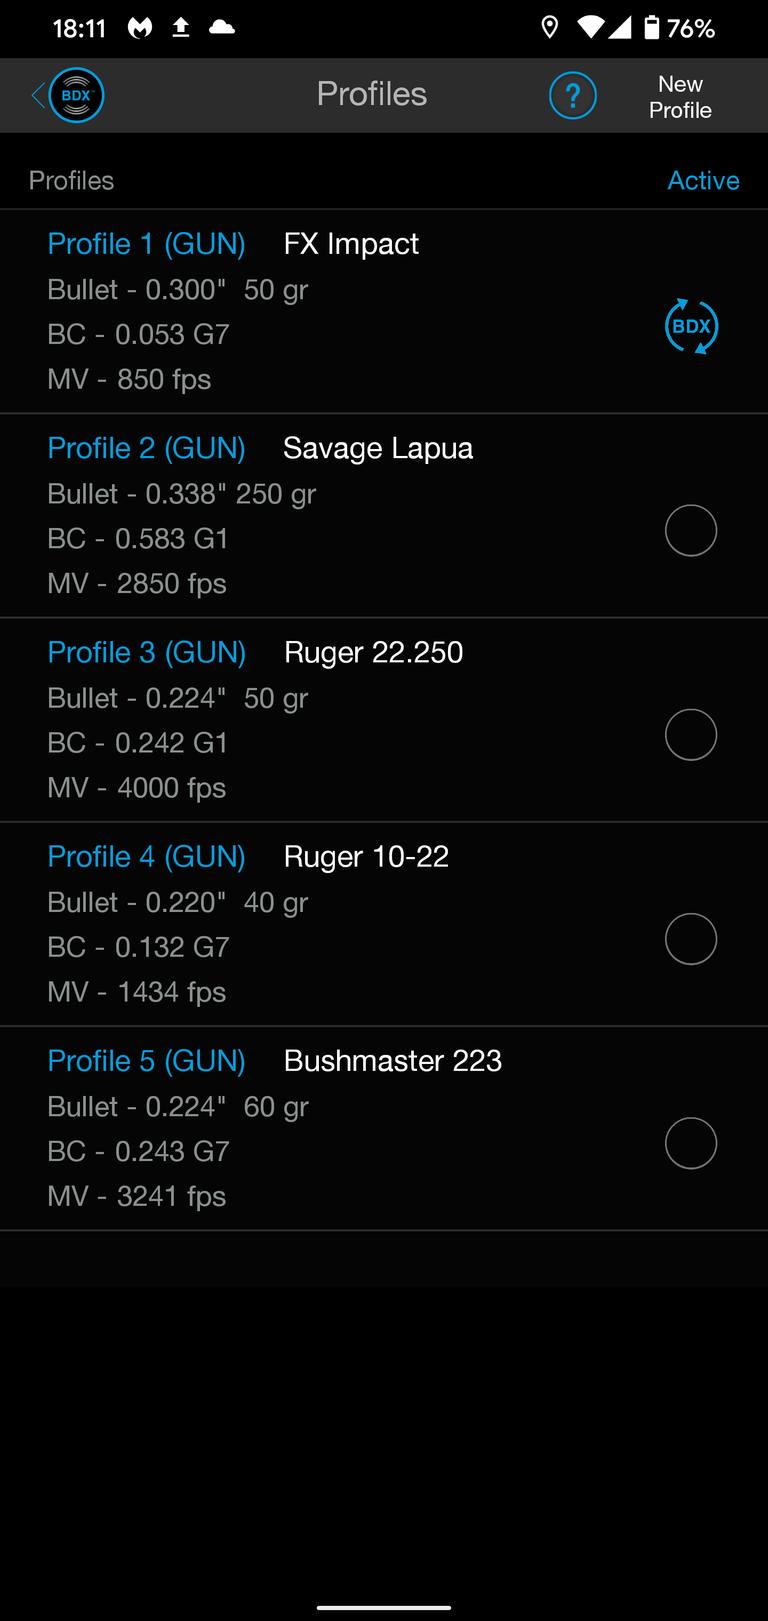 Screenshot Jun 12, 2020 18 11 54.png